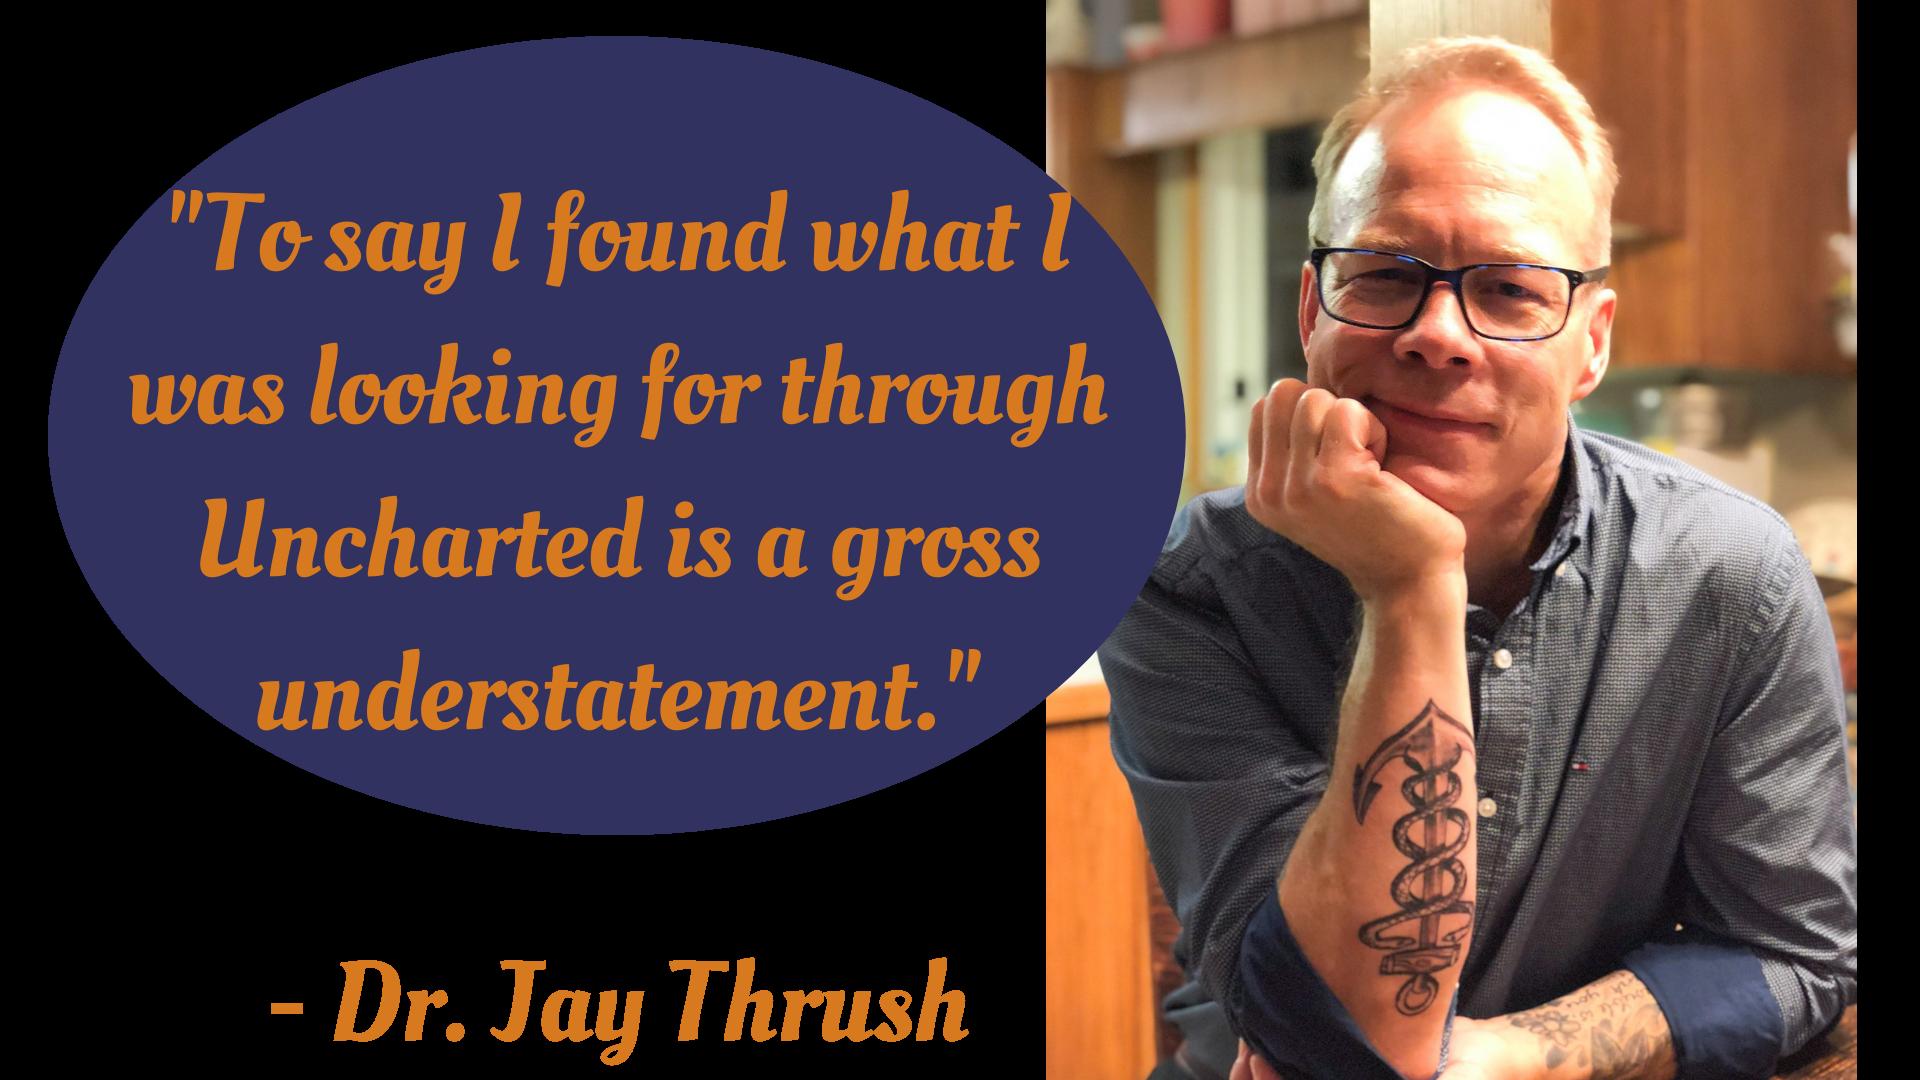 Jay Thrush, DVM